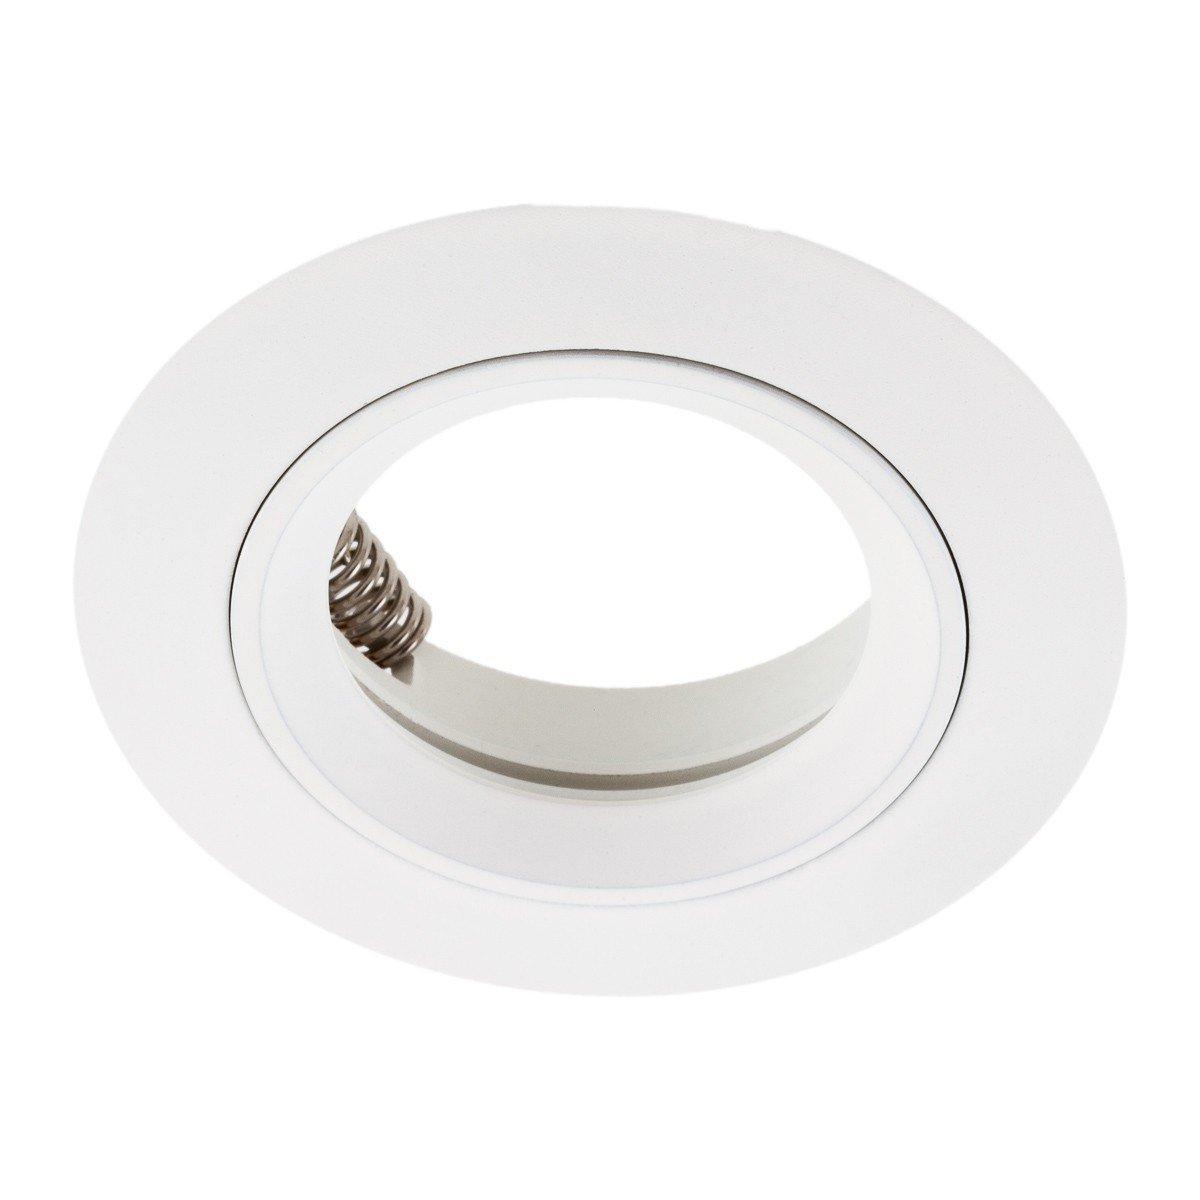 blanc SEBSON 6x Spot encastrable incl Type 7 Aluminium Culot GU10 LED//Halogene